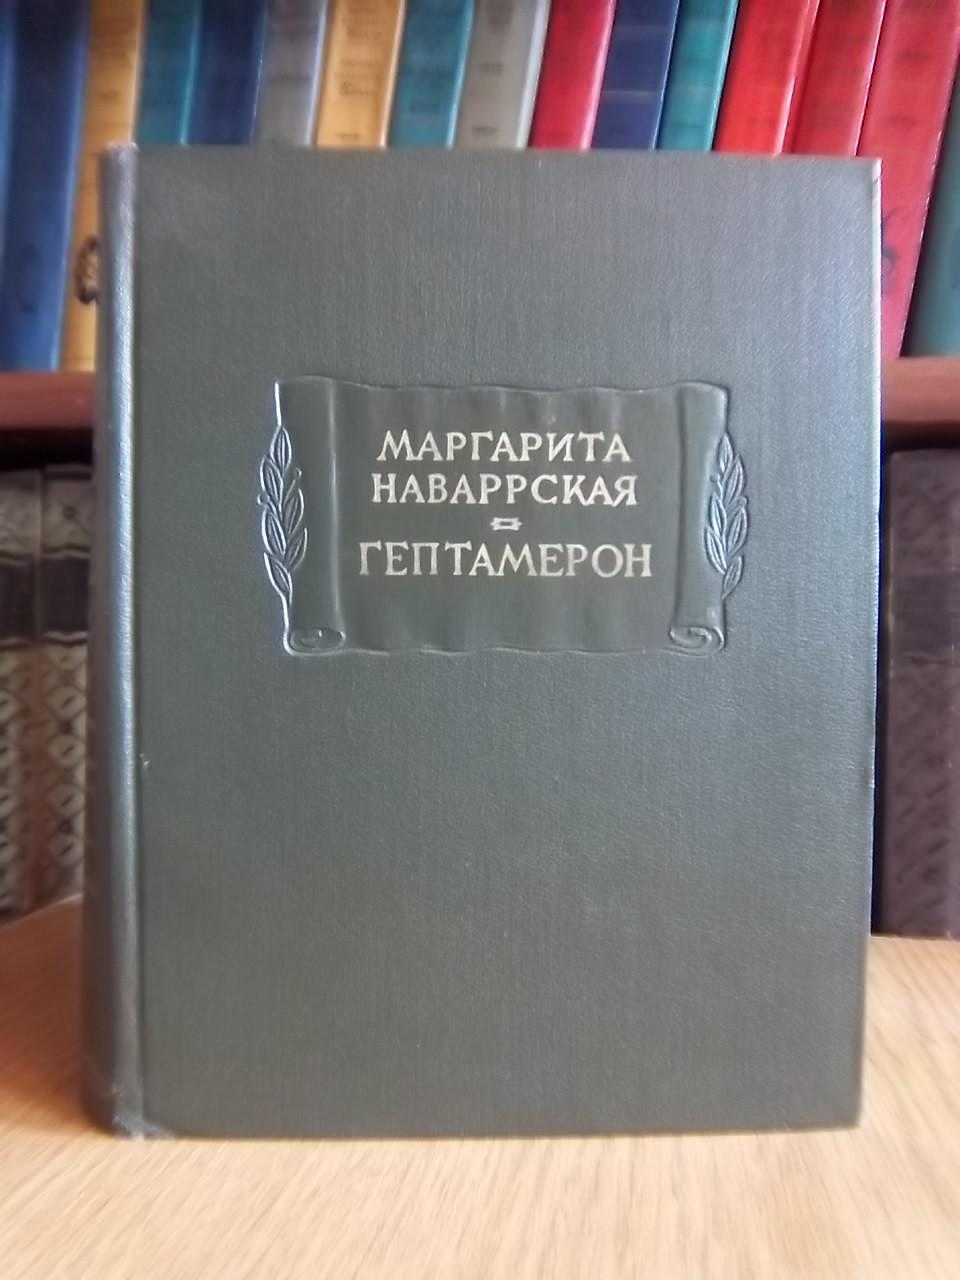 Гептамерон